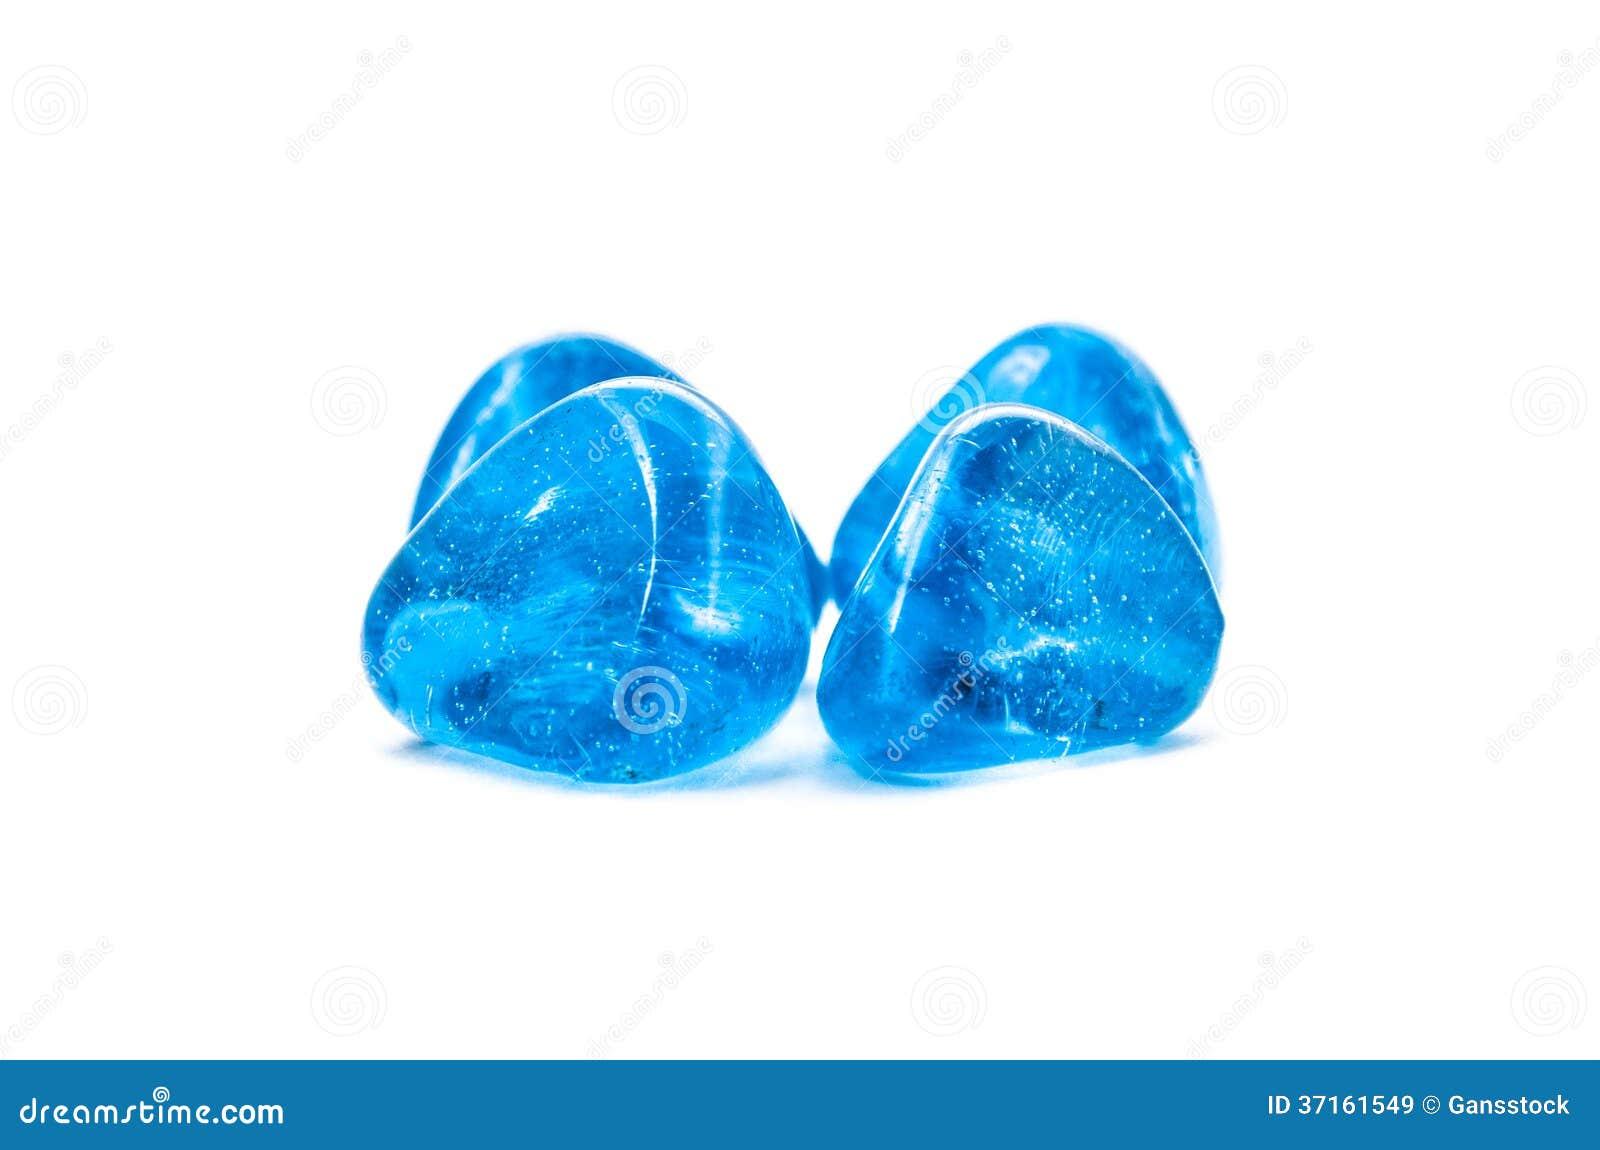 pietre dell'acquario immagini stock libere da diritti - immagine